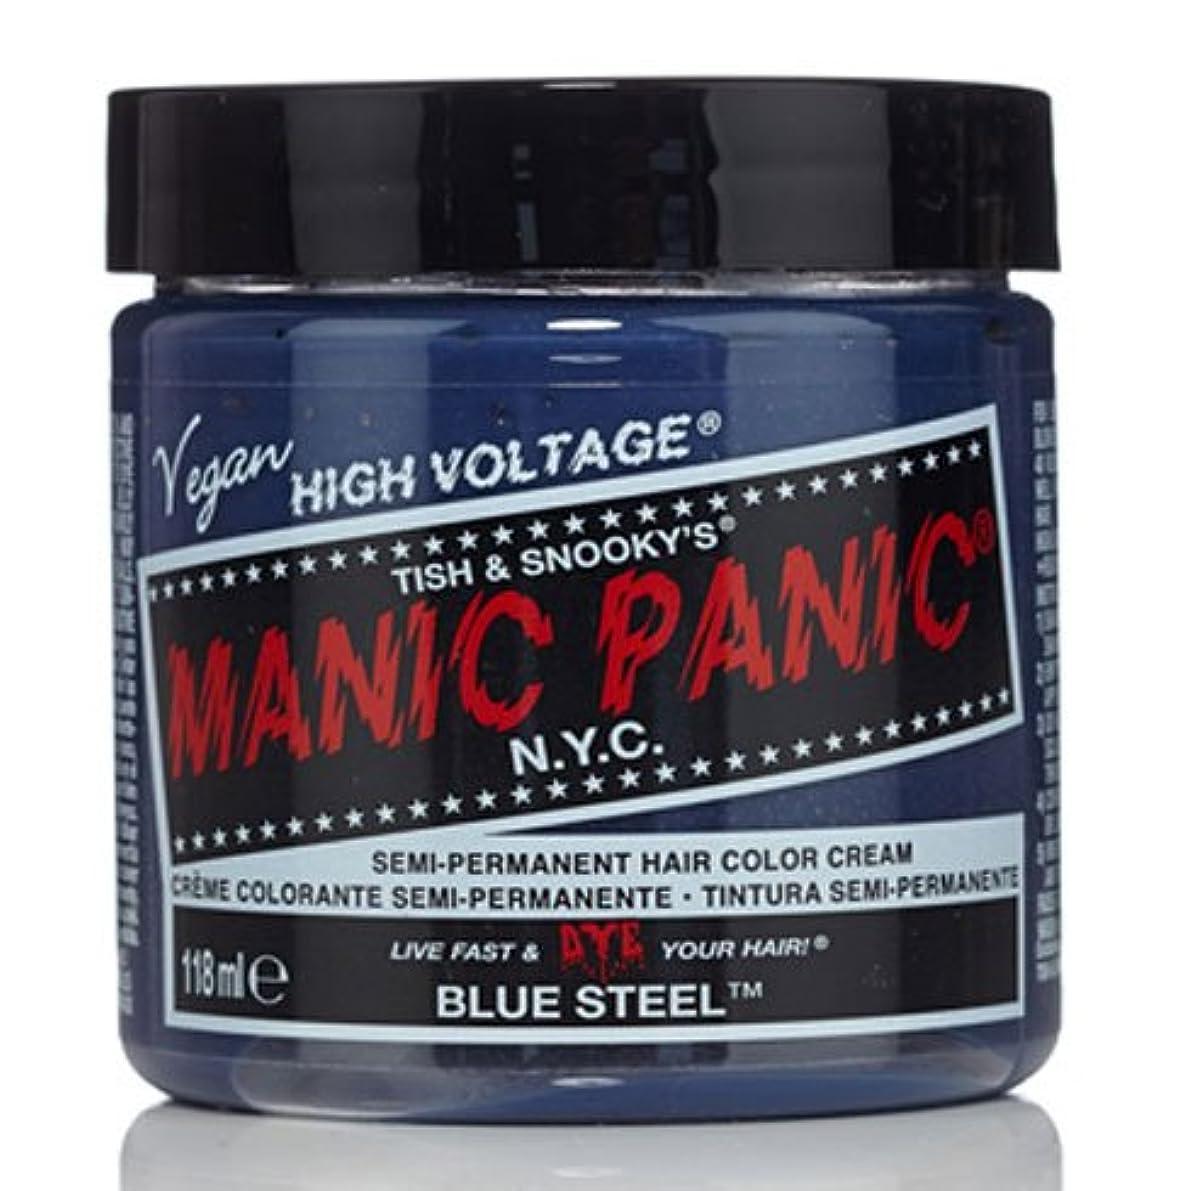 広々海外迷惑スペシャルセットMANIC PANICマニックパニック:BLUE STEEL (ブルースティール)+ヘアカラーケア4点セット